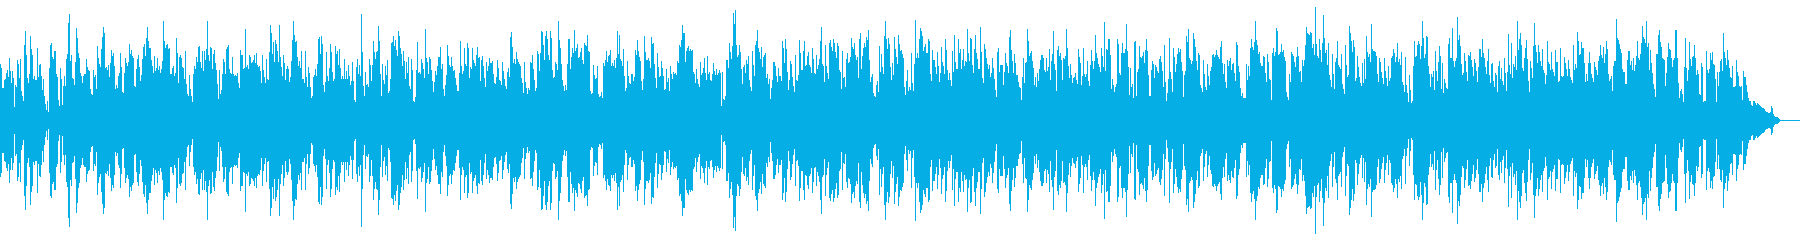 12月という年の瀬の思い出にふけるBGMの再生済みの波形